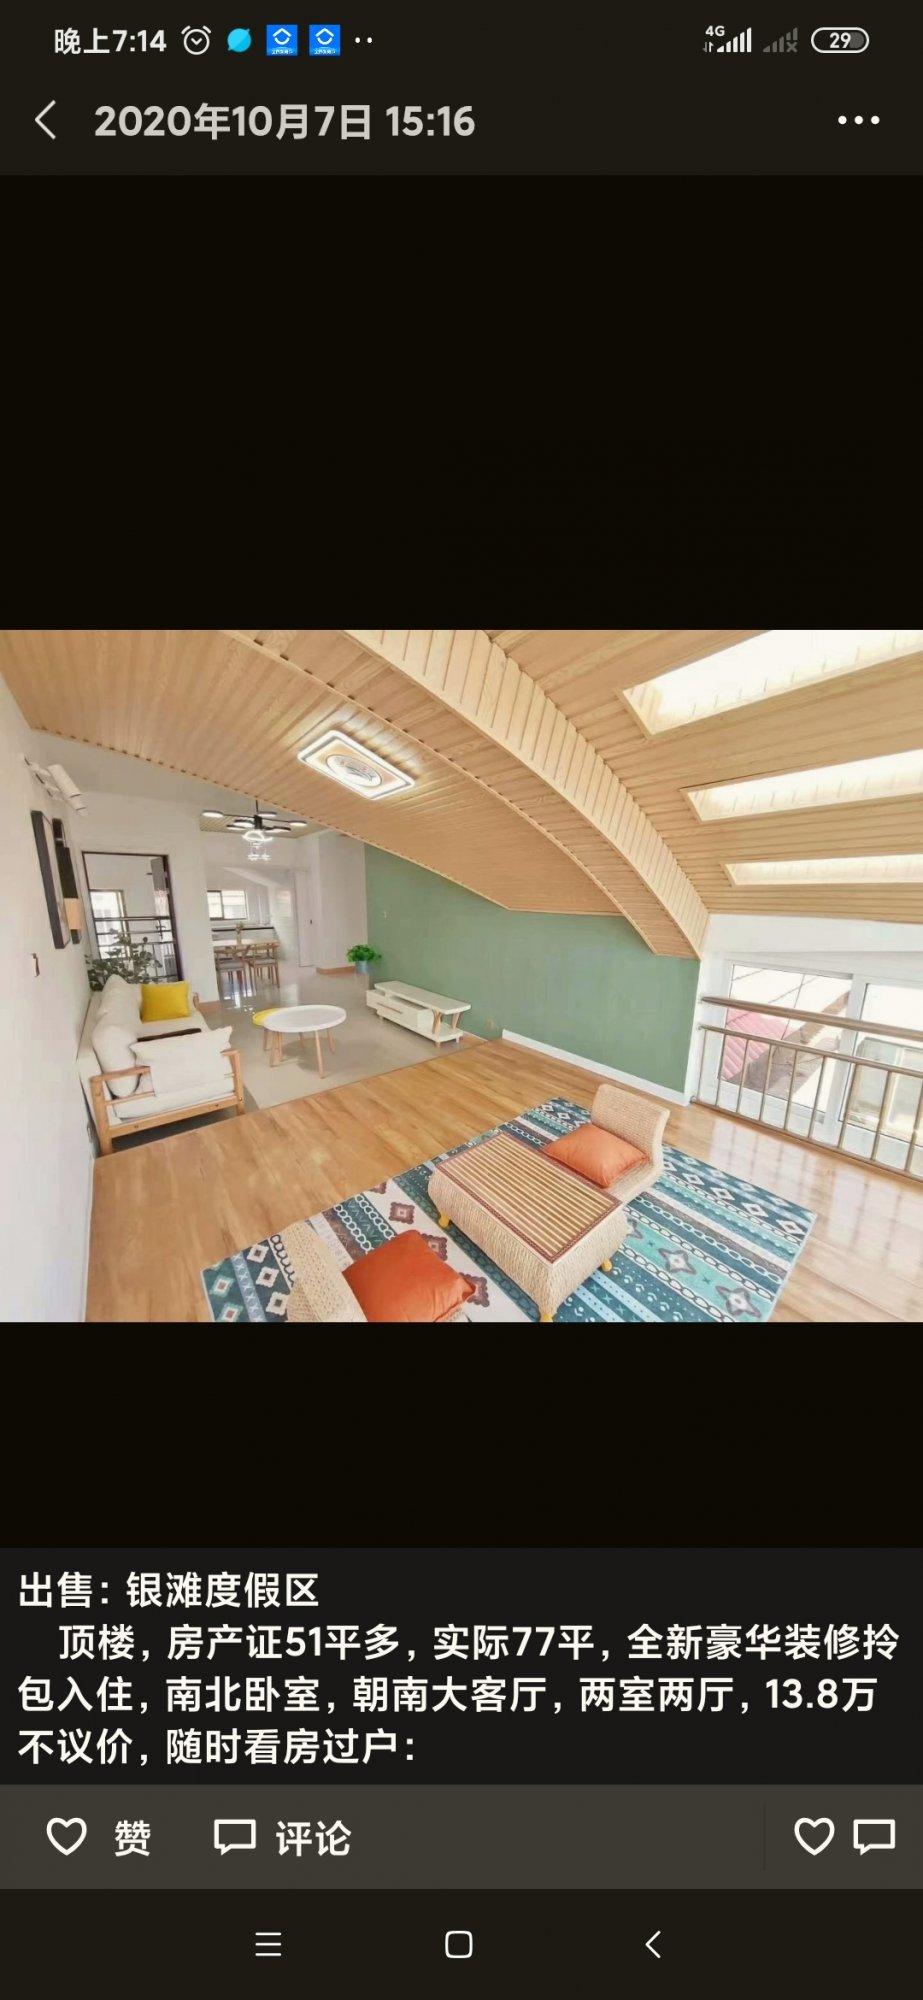 偶然在朋友圈看到的图,求助这个样子的装修只装客厅的木地板这半边大概要多少钱